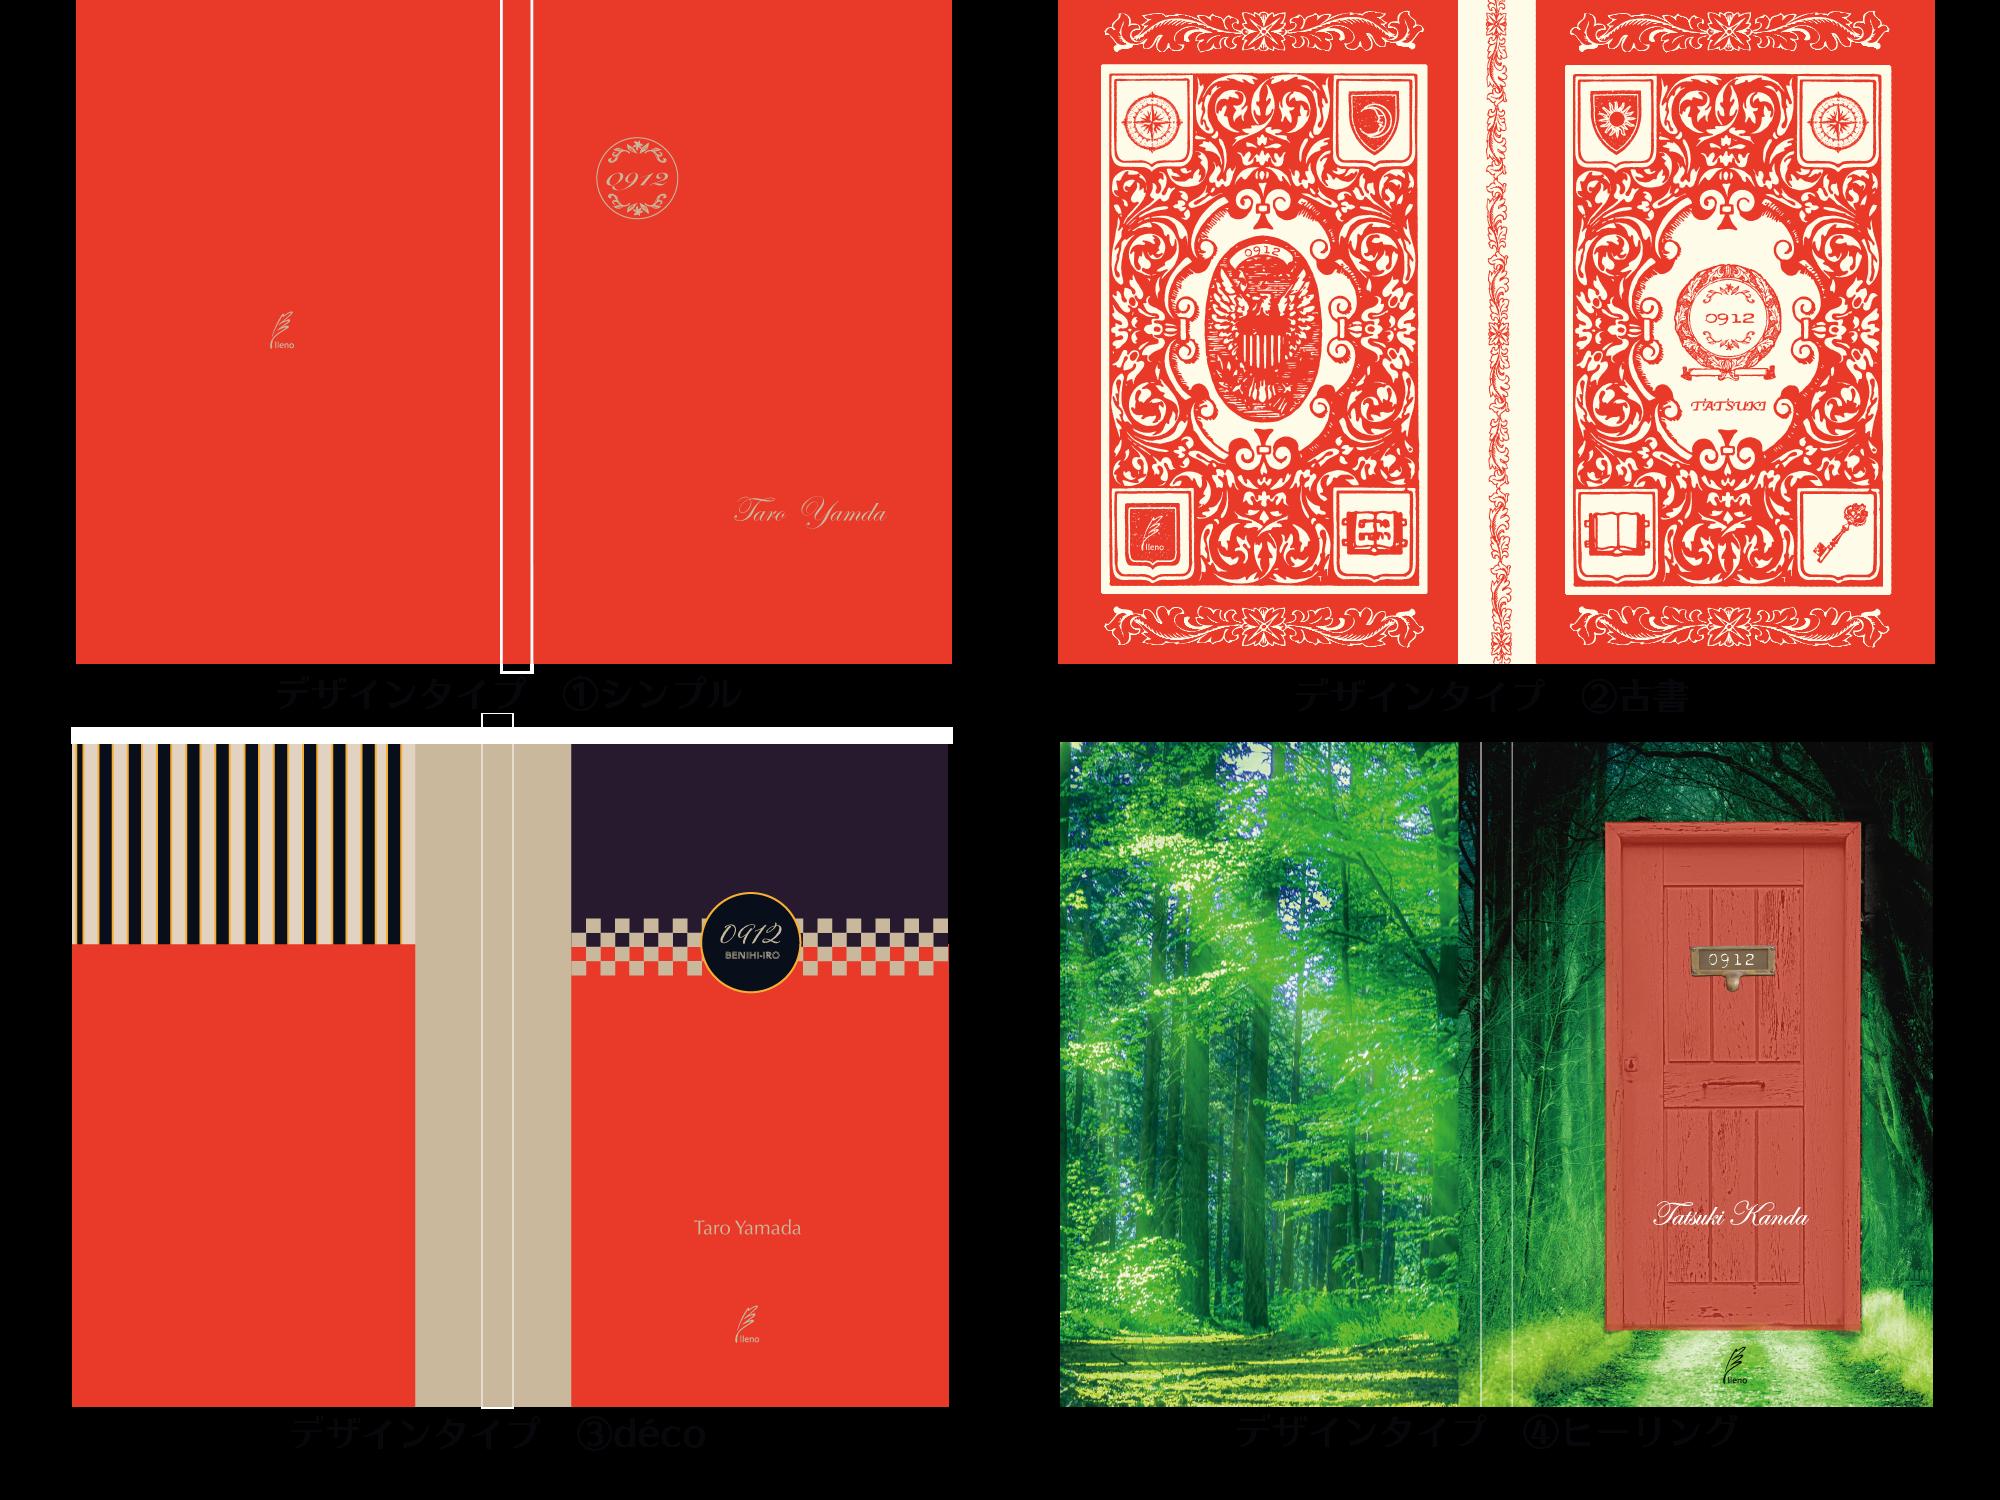 運命のノート『9月12日 紅緋色』(鑑定&メッセージカード付)